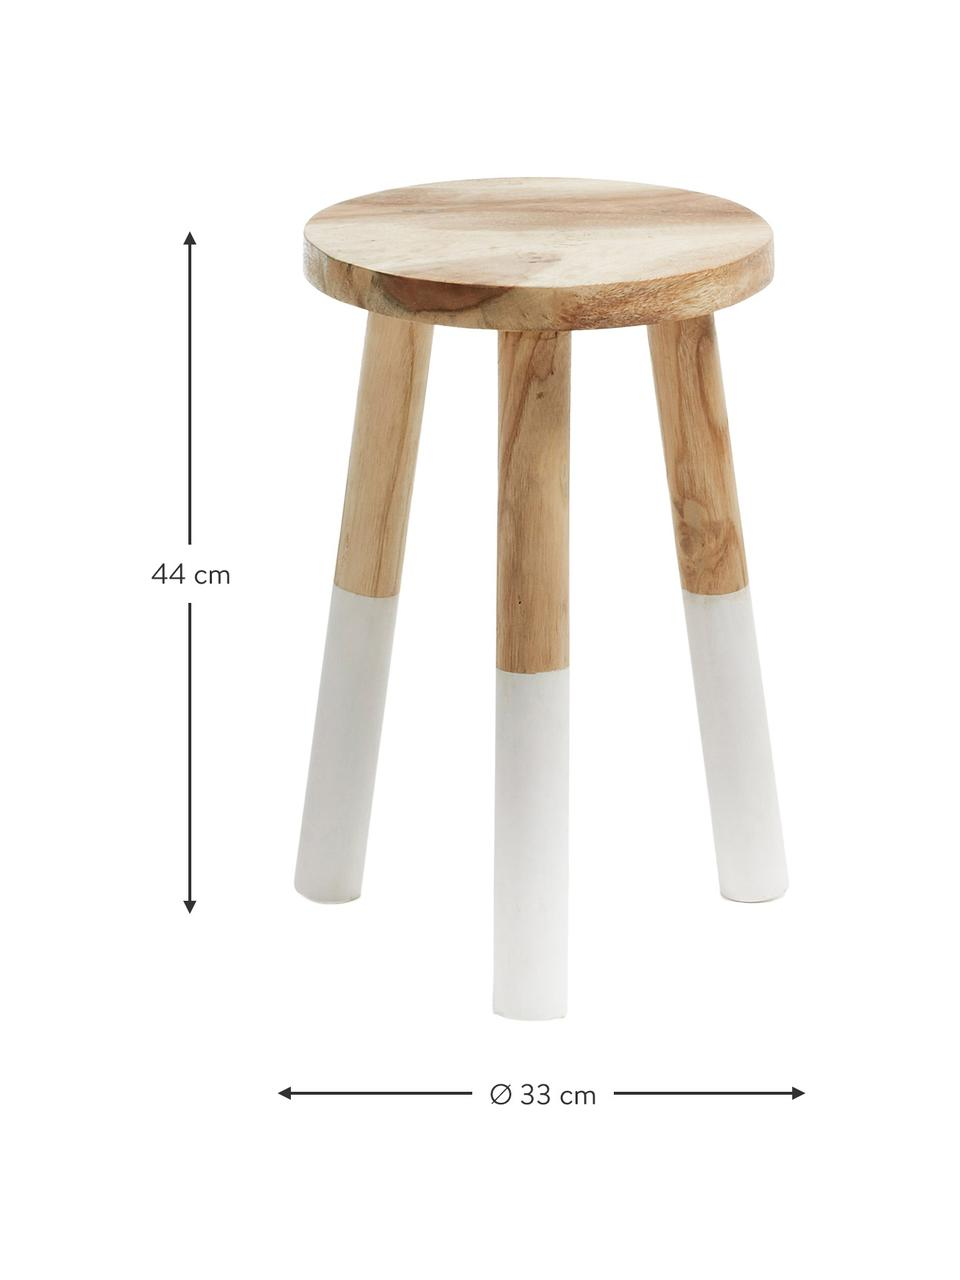 Stołek  z drewna w stylu scandi Brocsy, Drewno mungur, lakierowane, Drewno mungur, biały, S 30 x W 44 cm